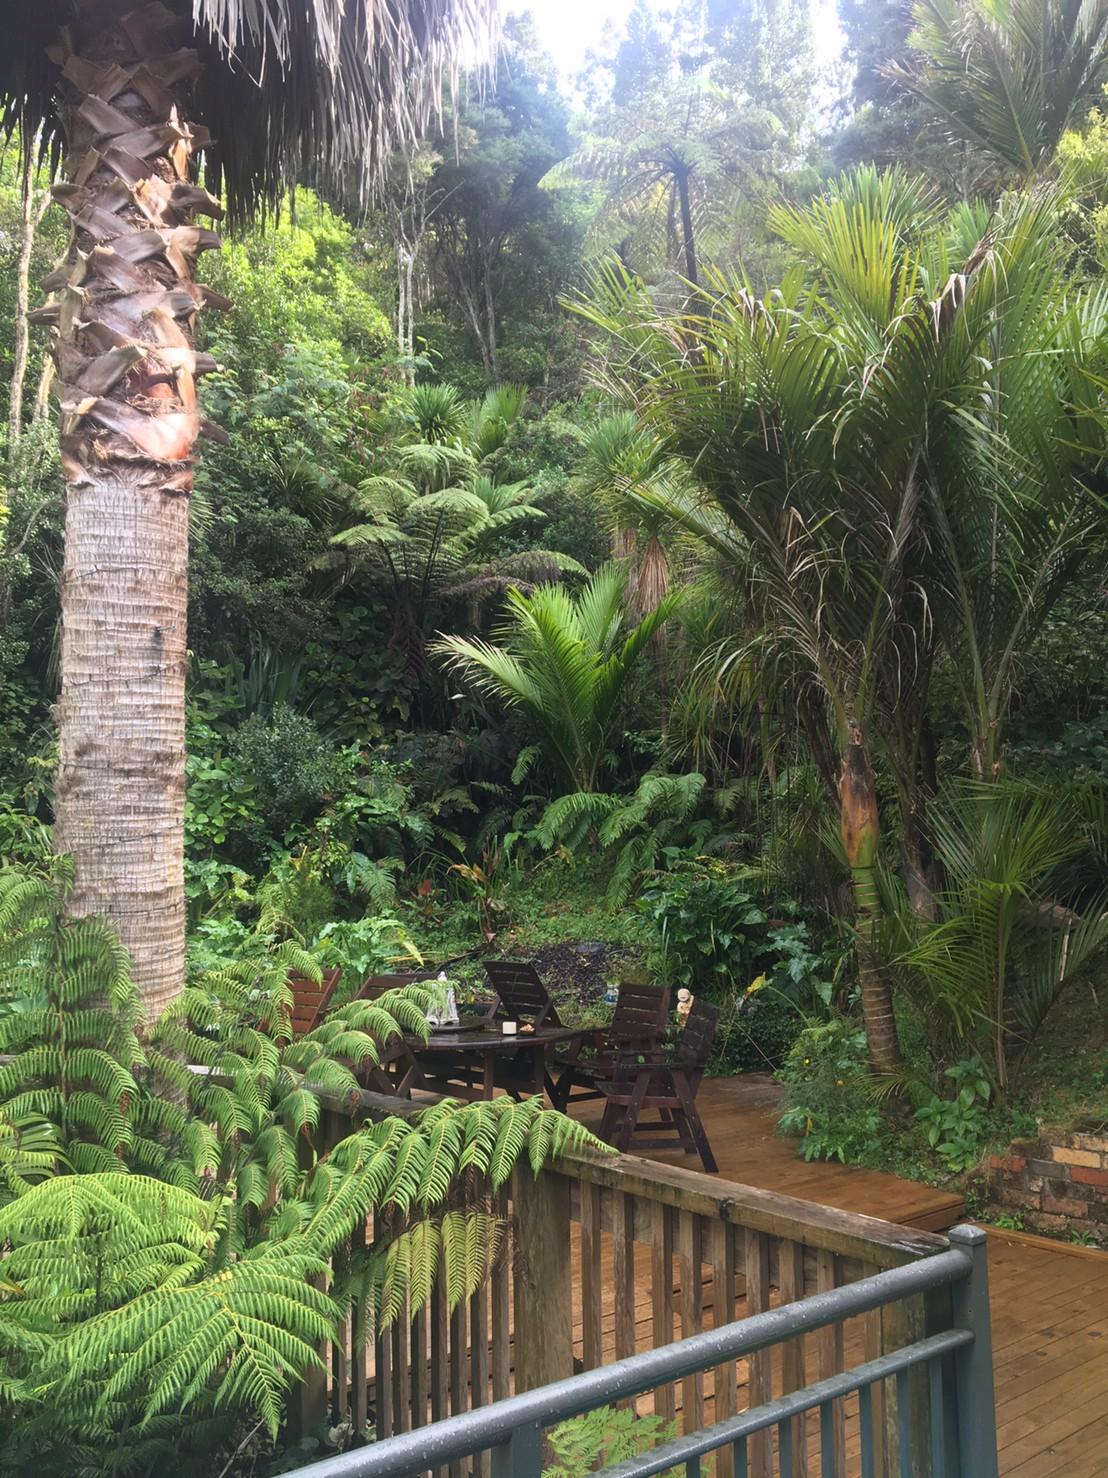 ステイ先の家の裏庭